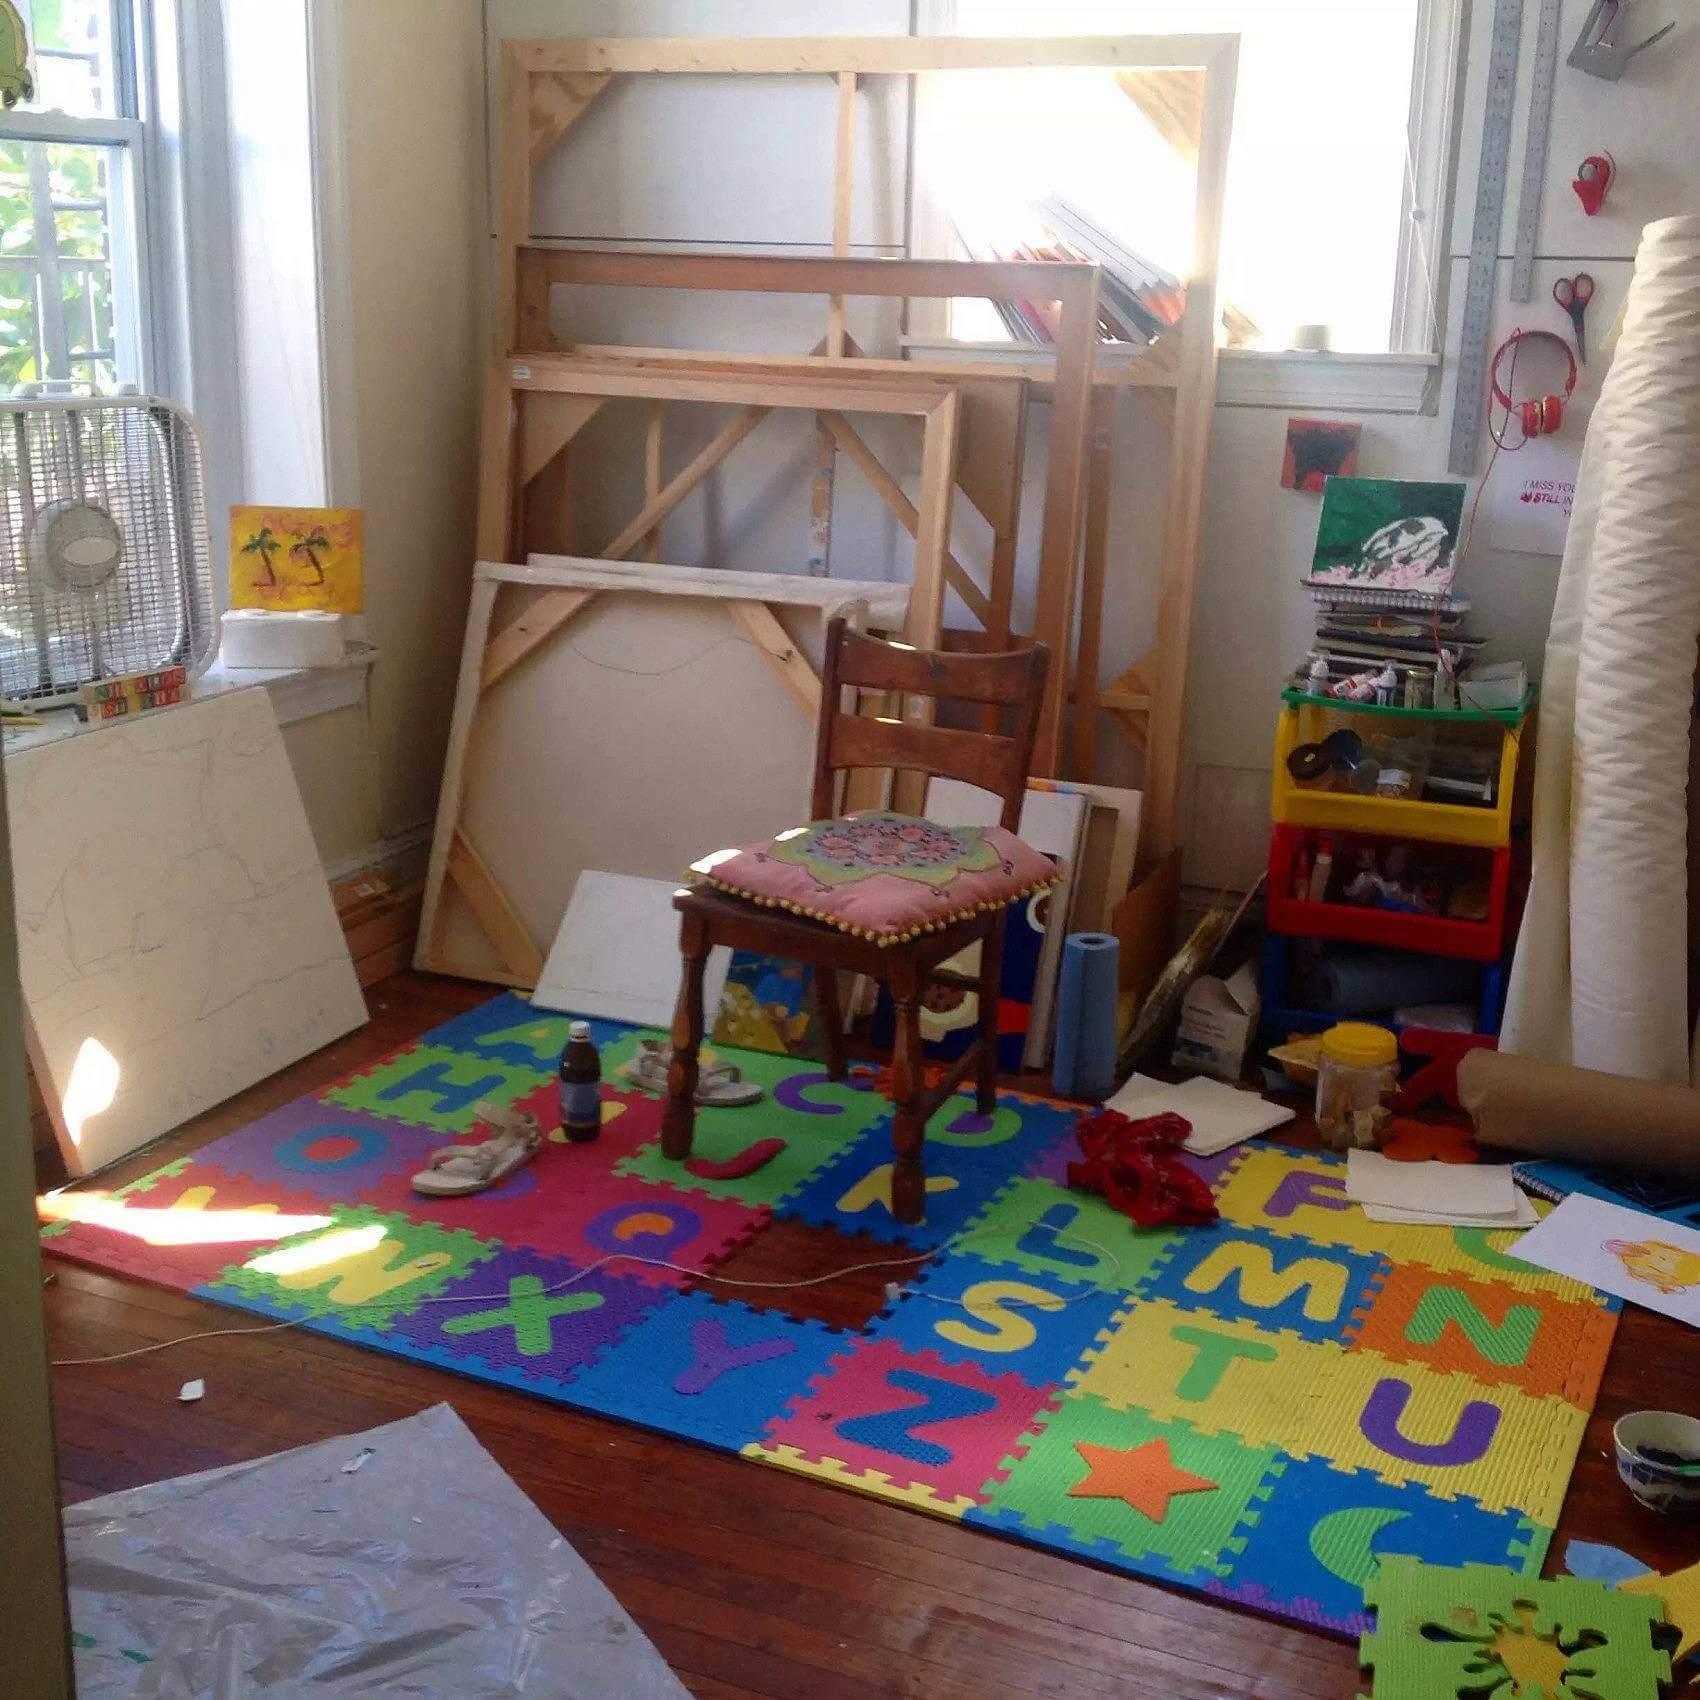 Nicole Dyer studio